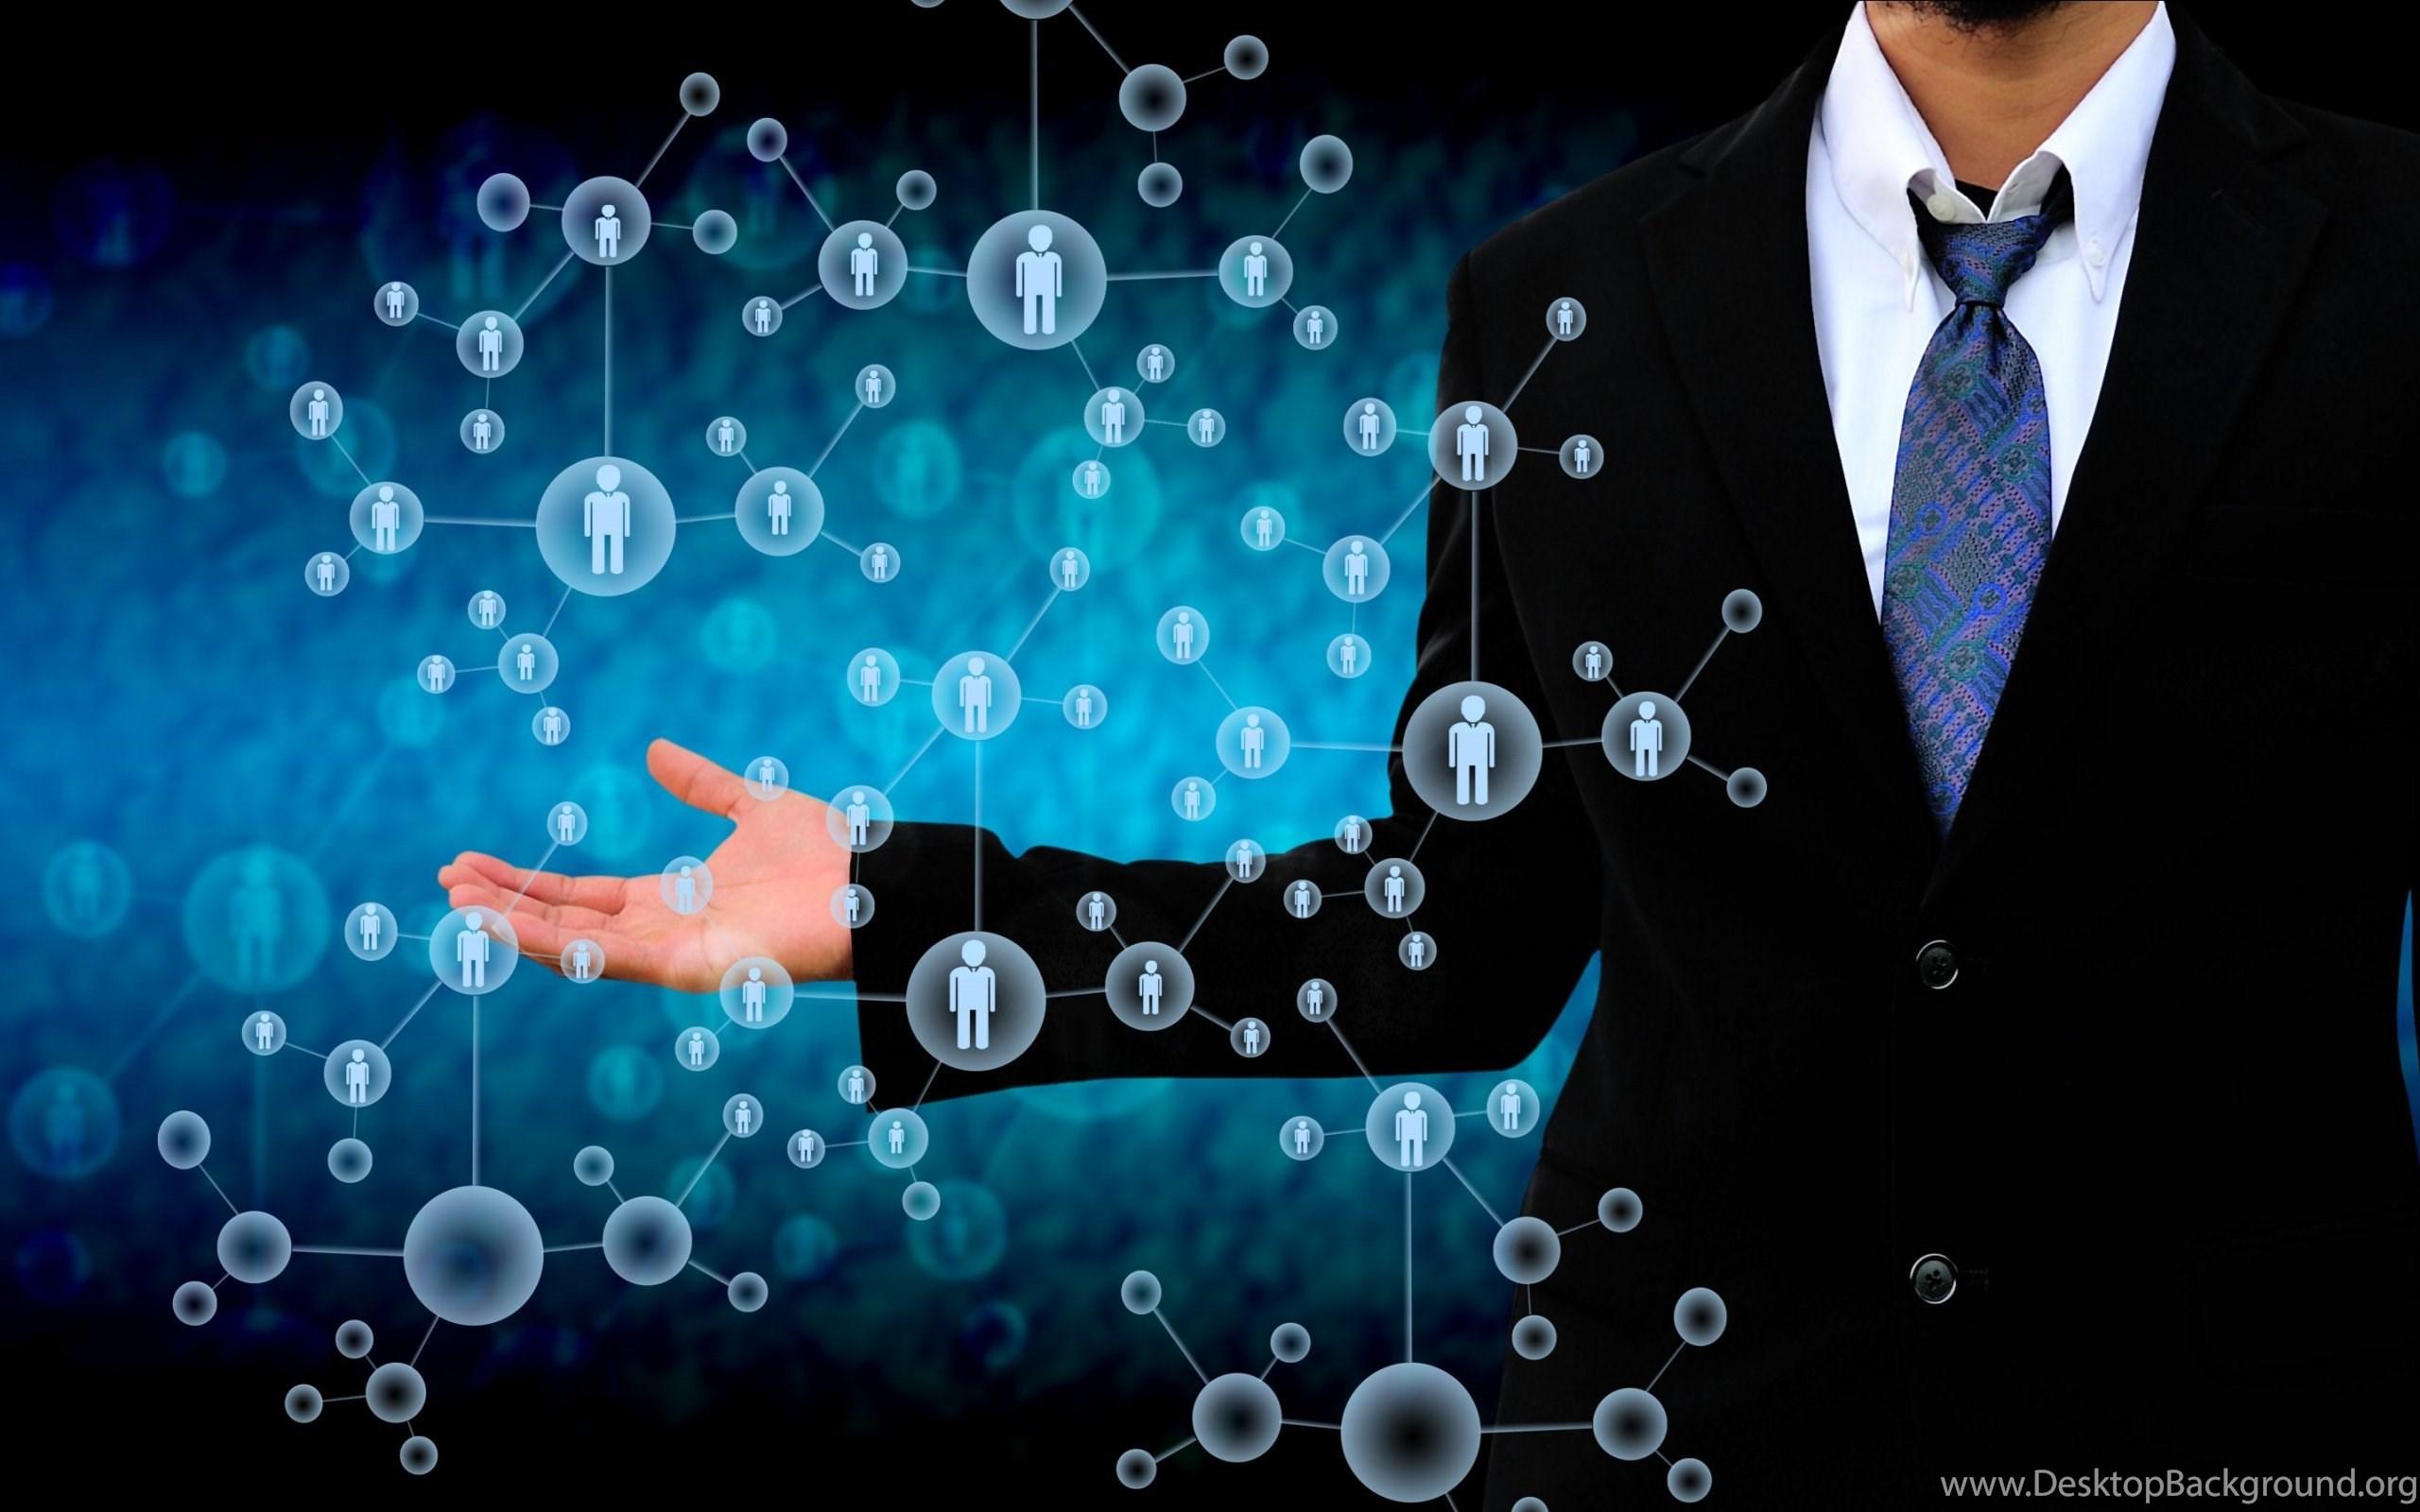 wallpaper: social network, men, internet, relationship, media